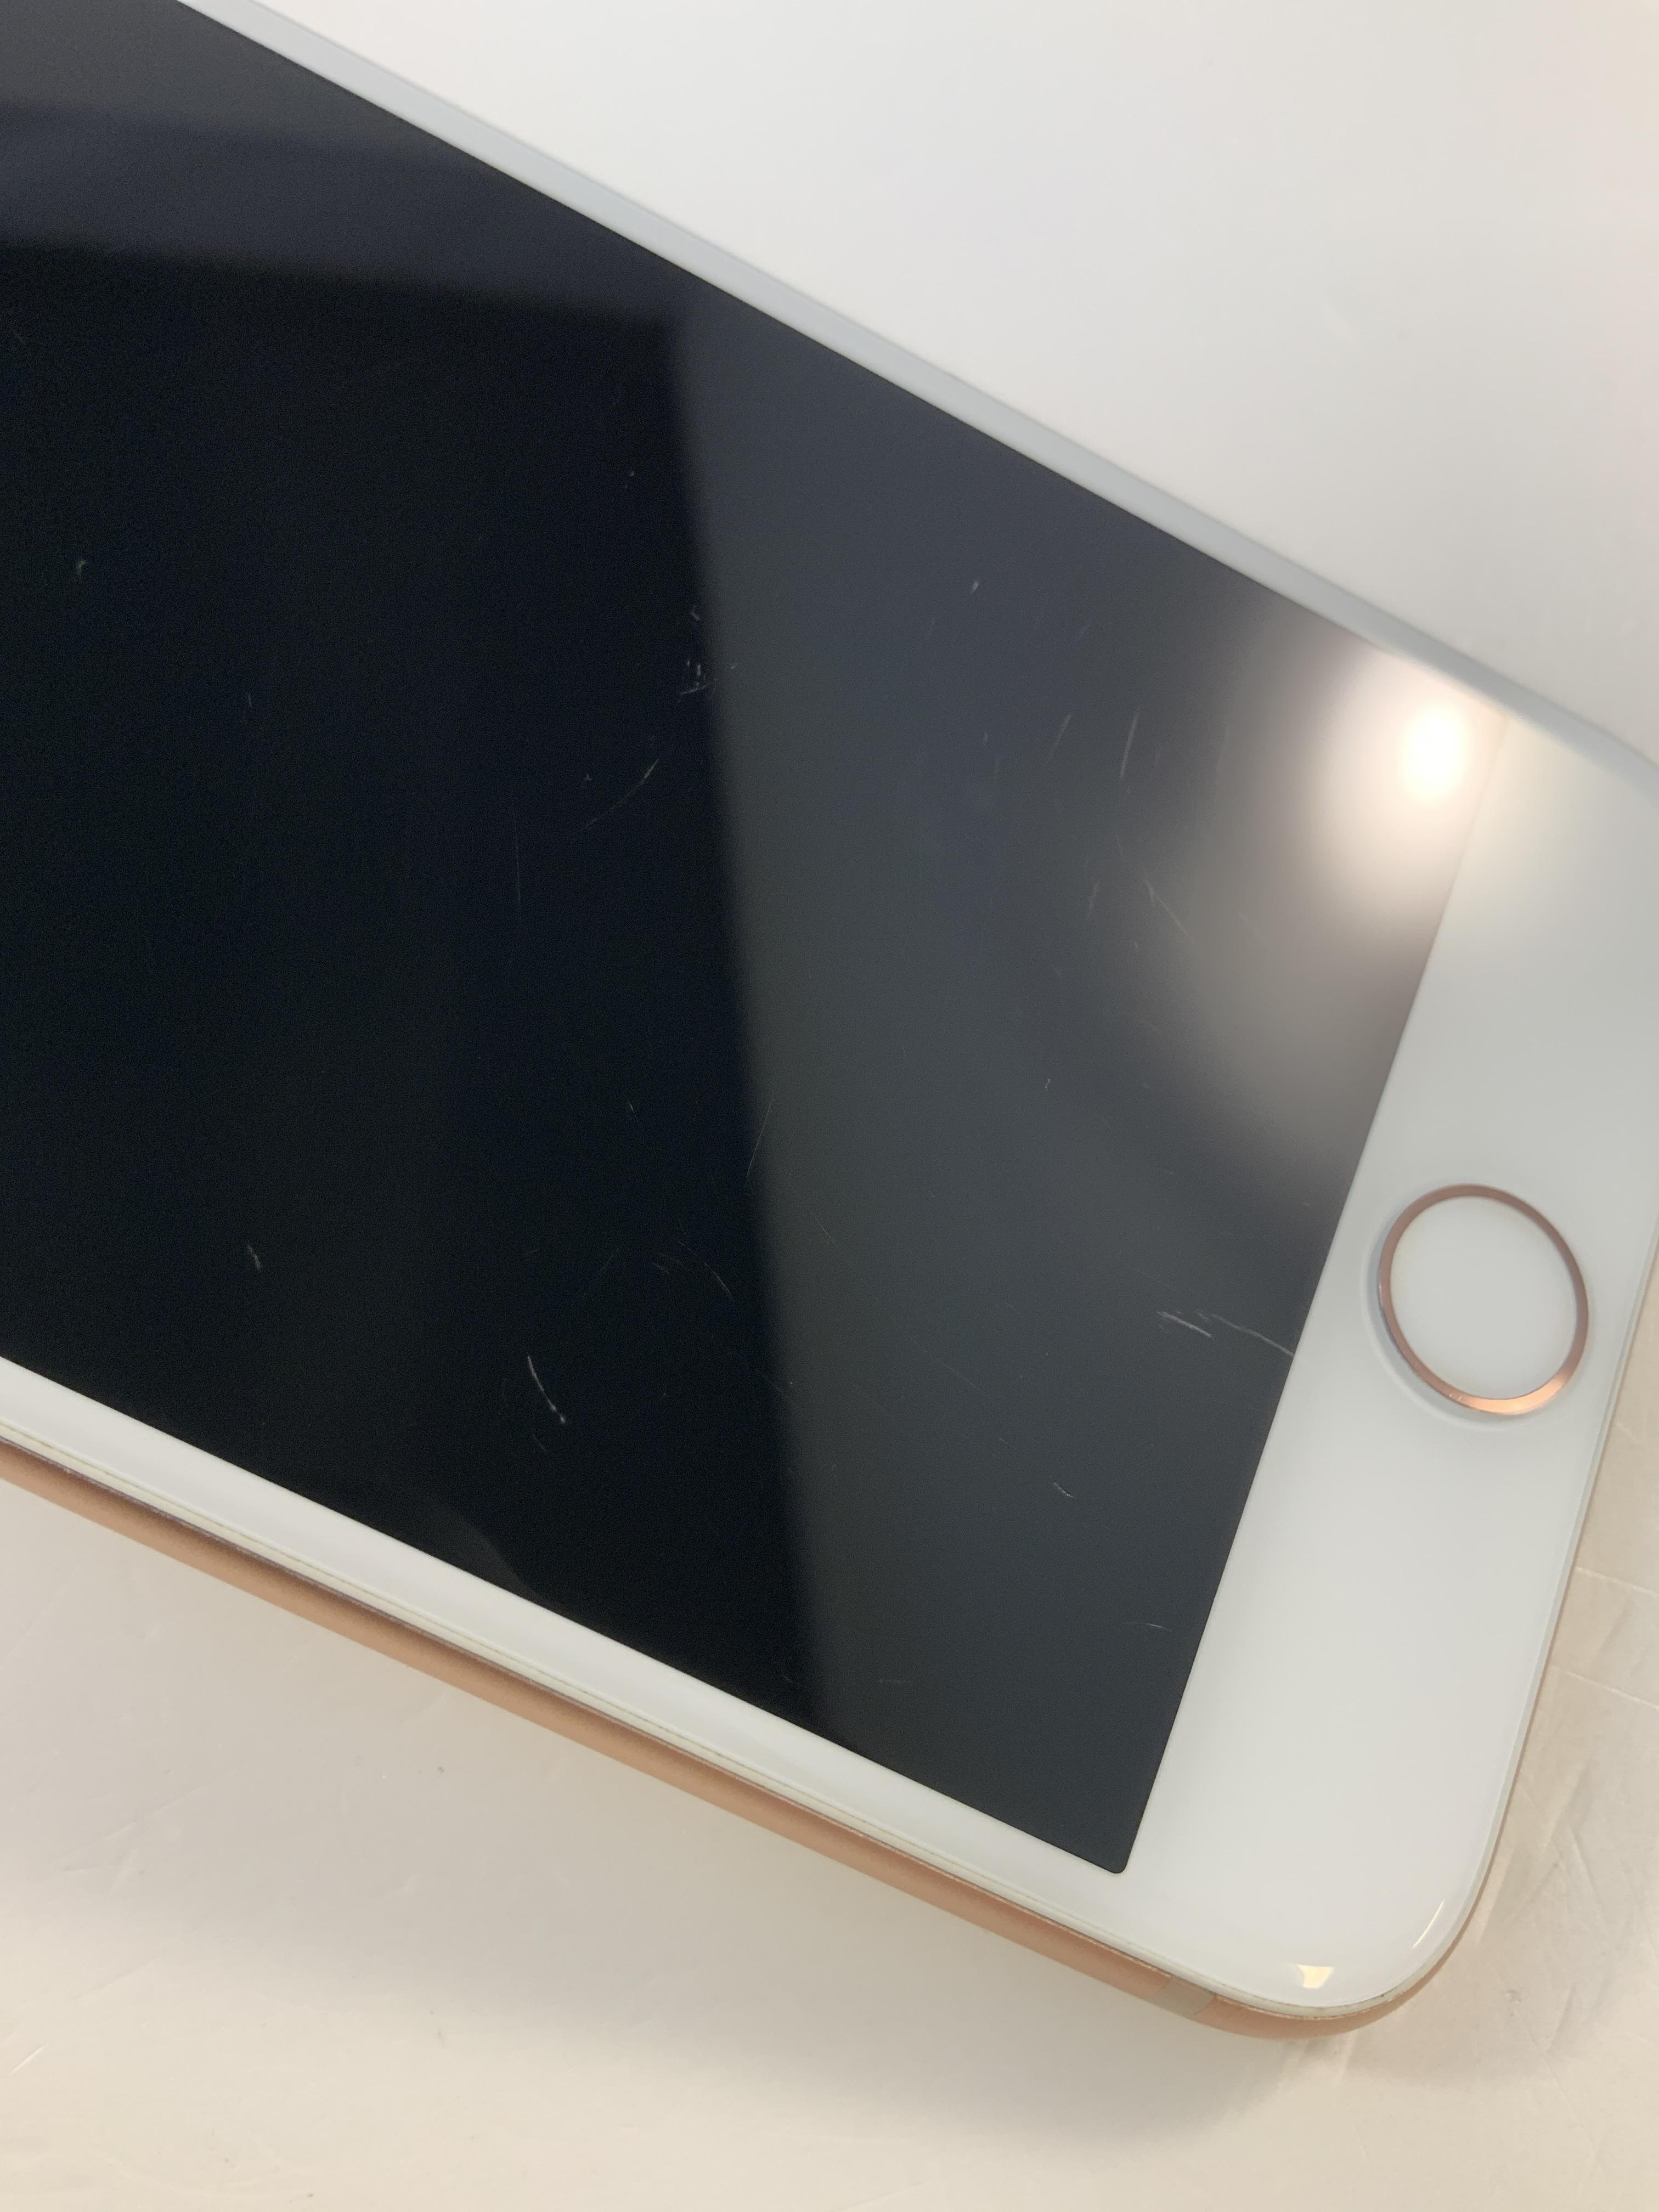 iPhone 8 64GB, 64GB, Gold, imagen 4